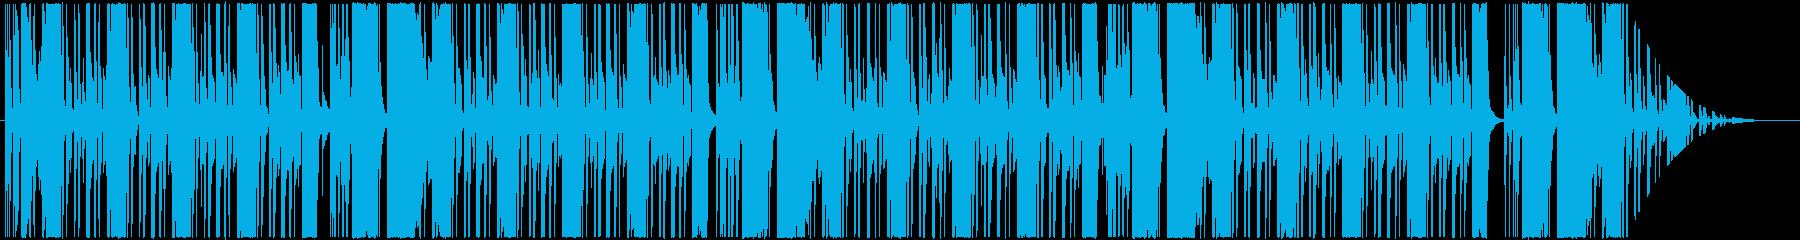 60年代JB風のR&Bインストの再生済みの波形